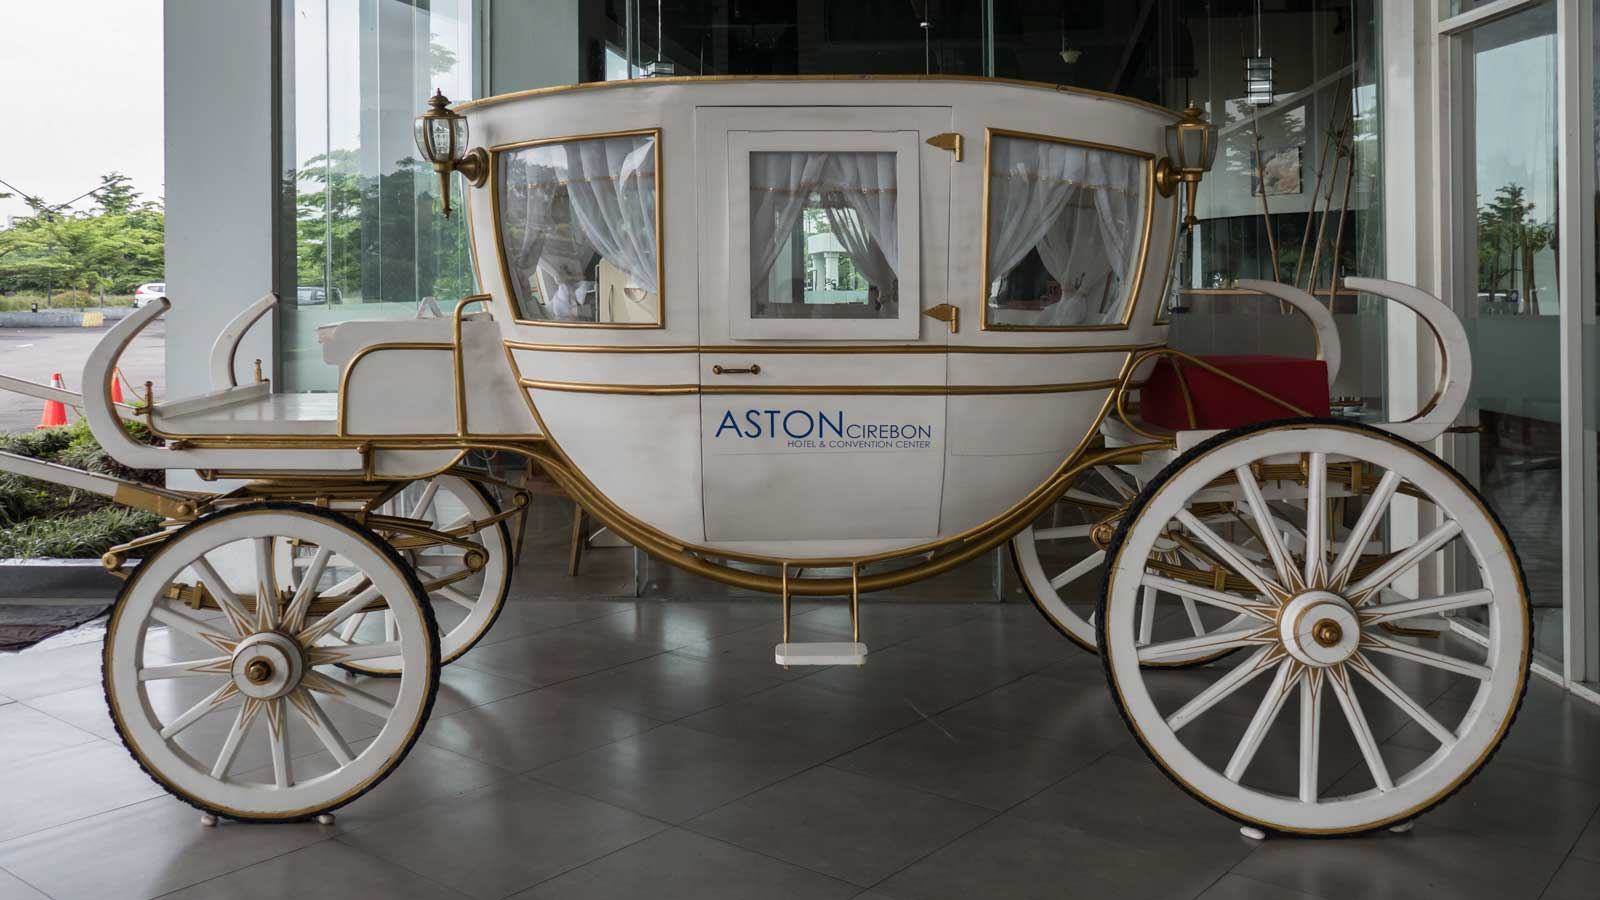 carriage at Aston Cirebon Hotel & Convention Center entrance